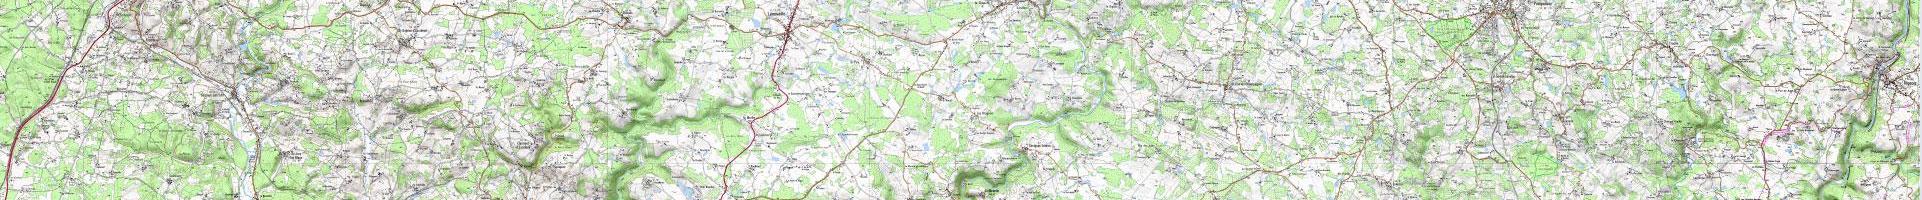 Carte topographique IGN 2e niveau d'agrandissement